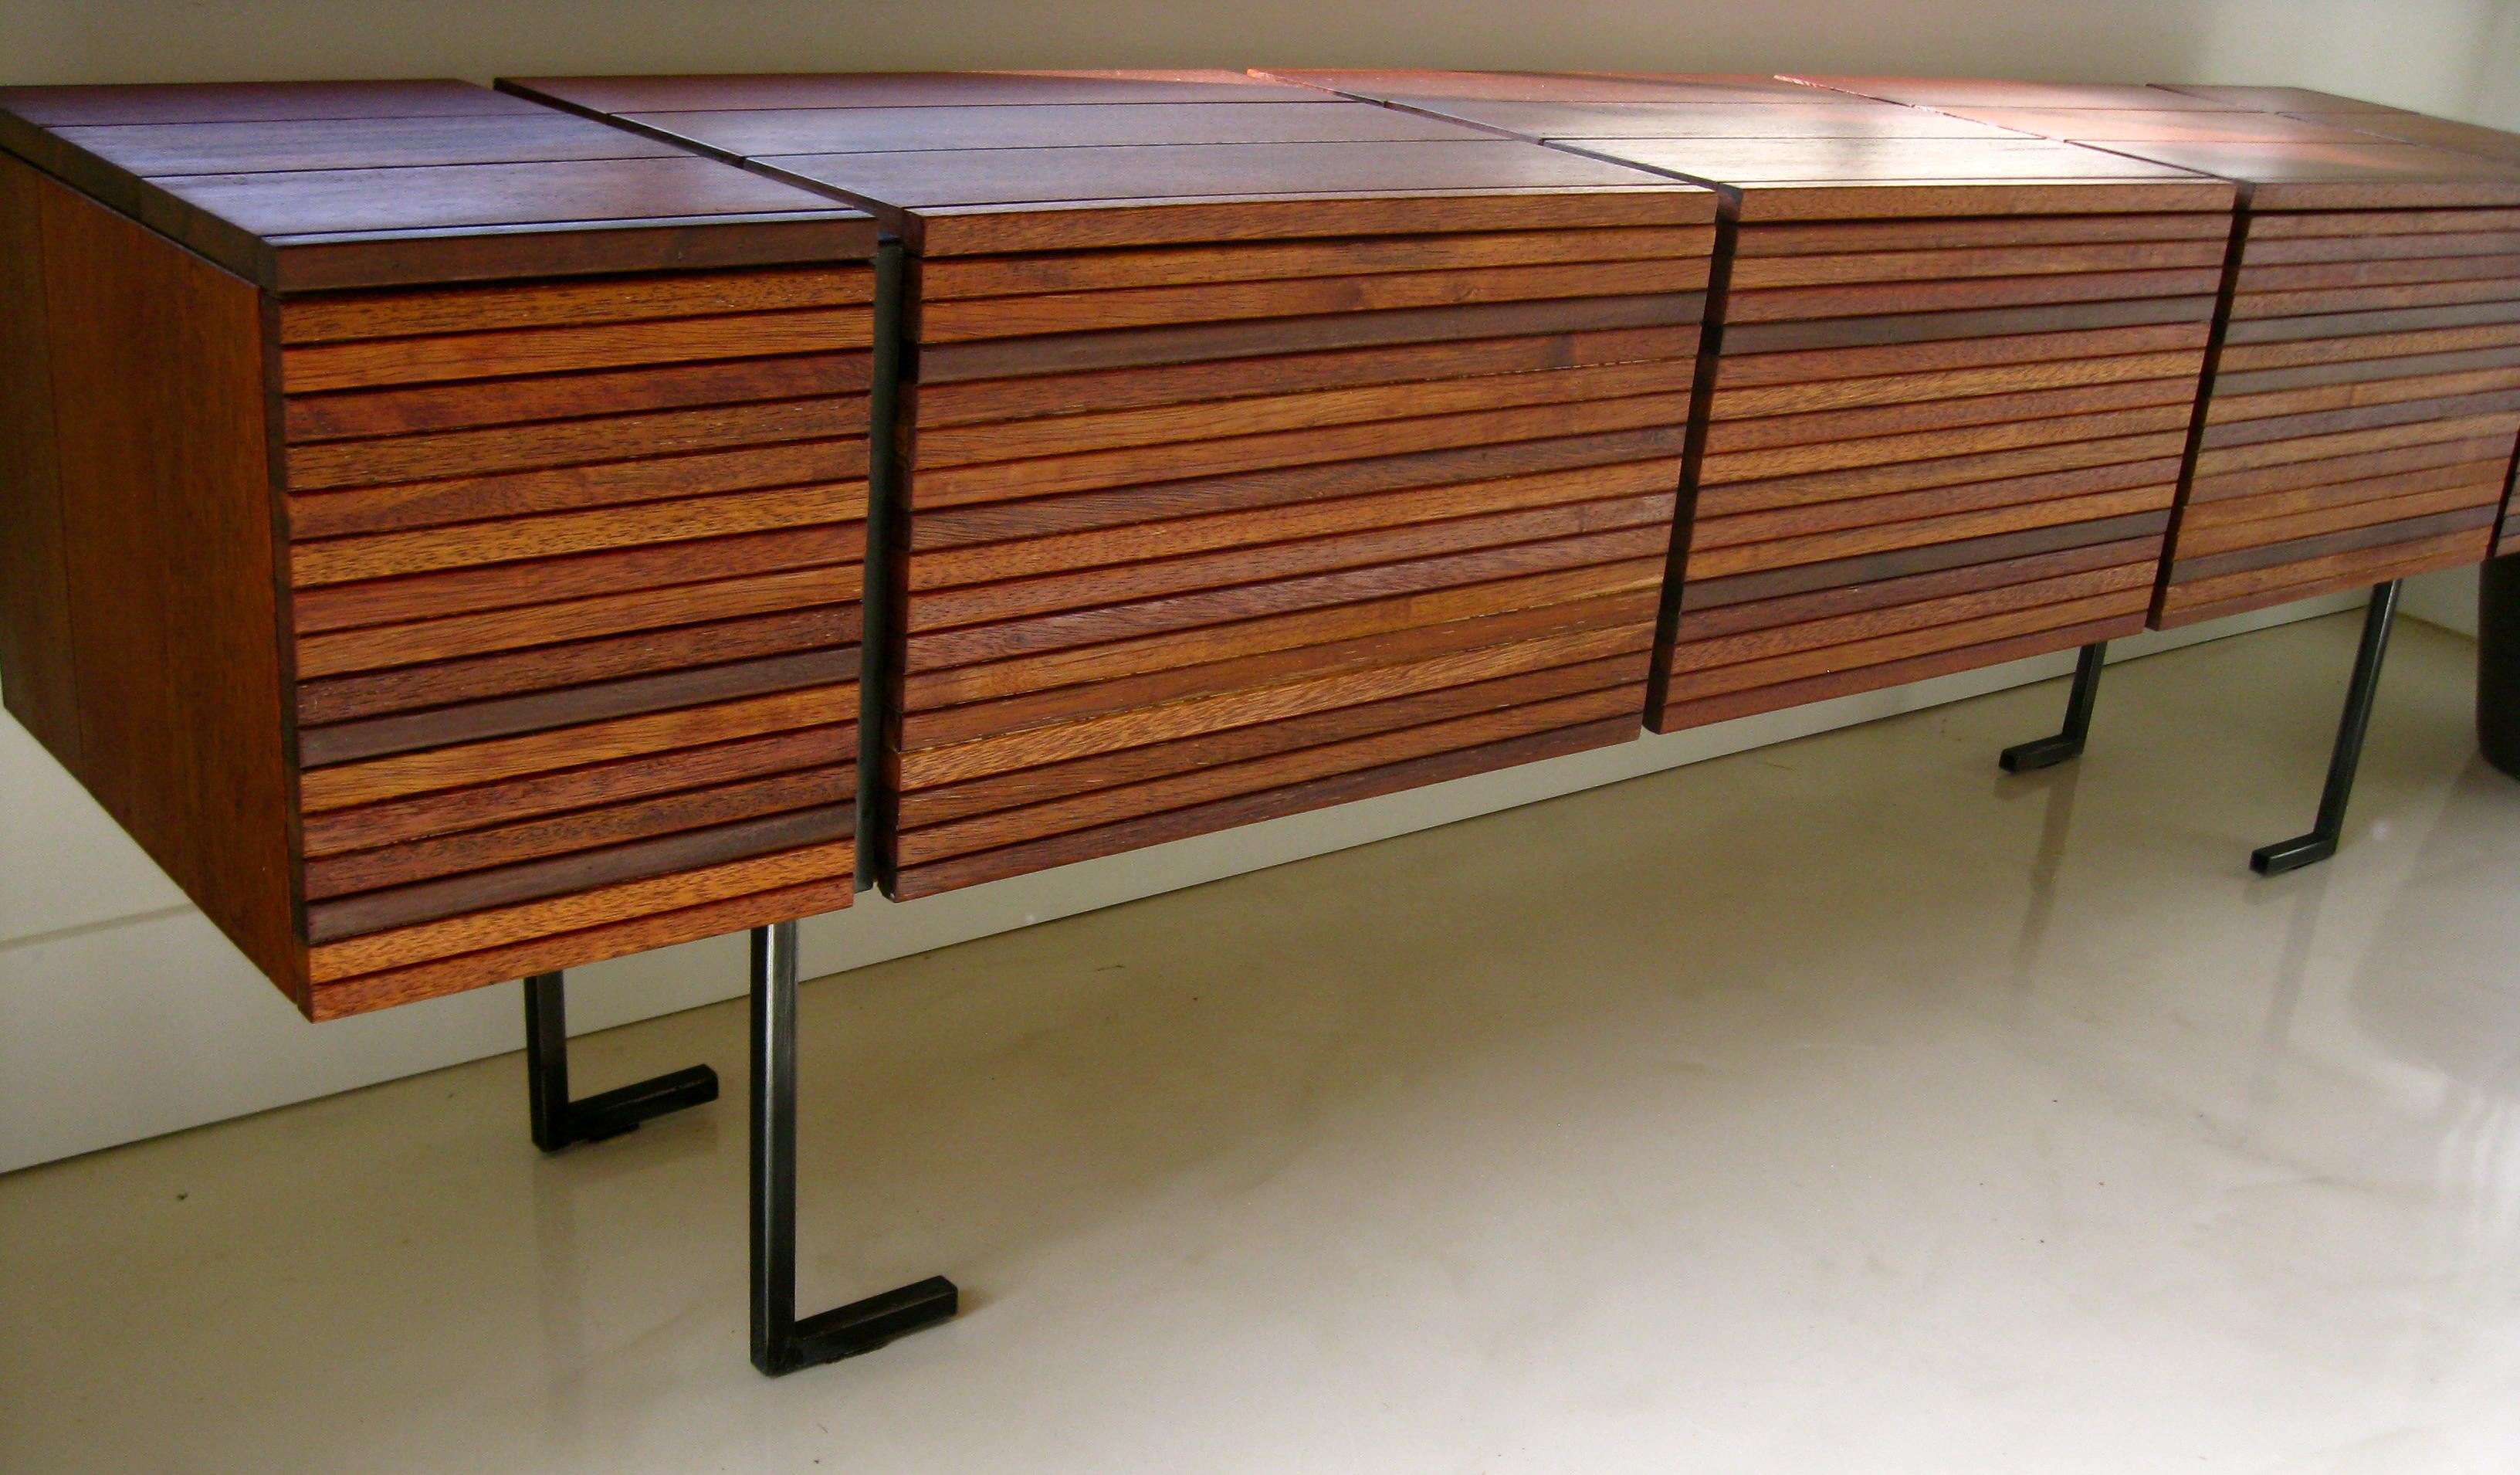 Credenza Ikea Immagini Ispirazione Sul Design Casa E Mobili